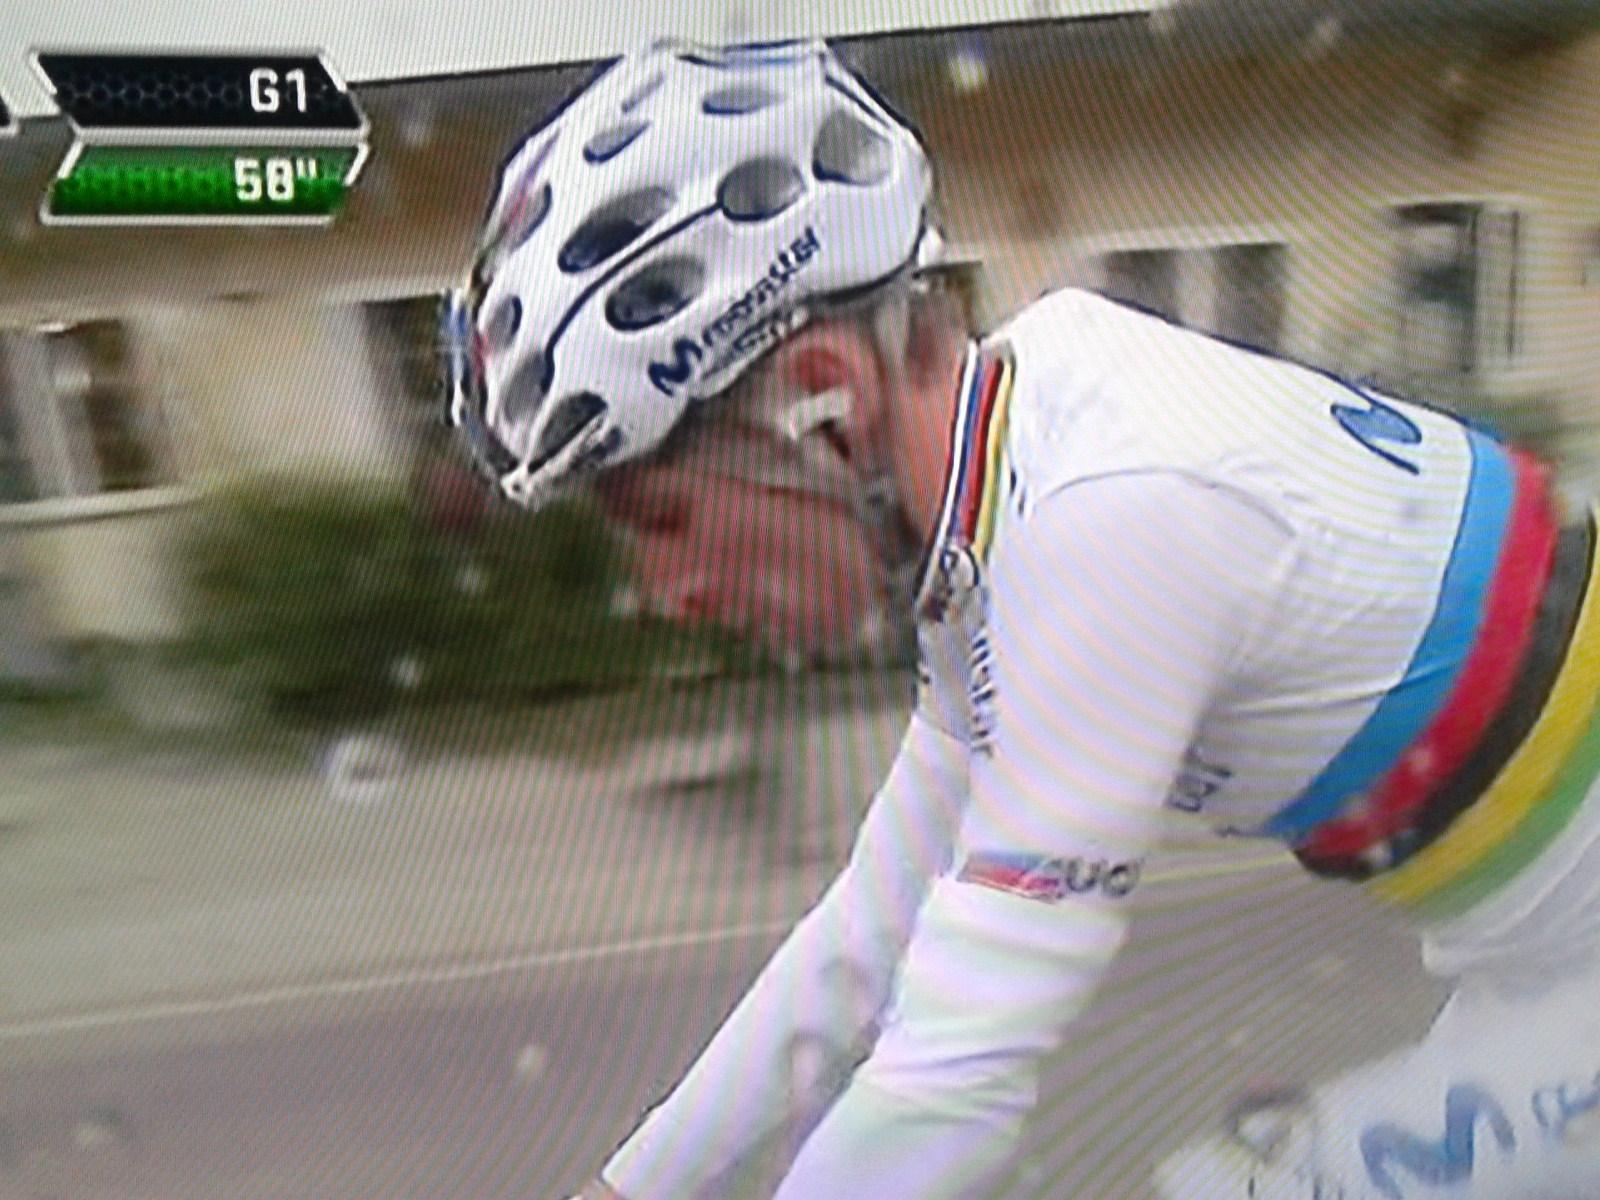 Der neue Weltmeister Rui Costa ist früh abgeschlagen bei der Lombardei-Rundfahrt